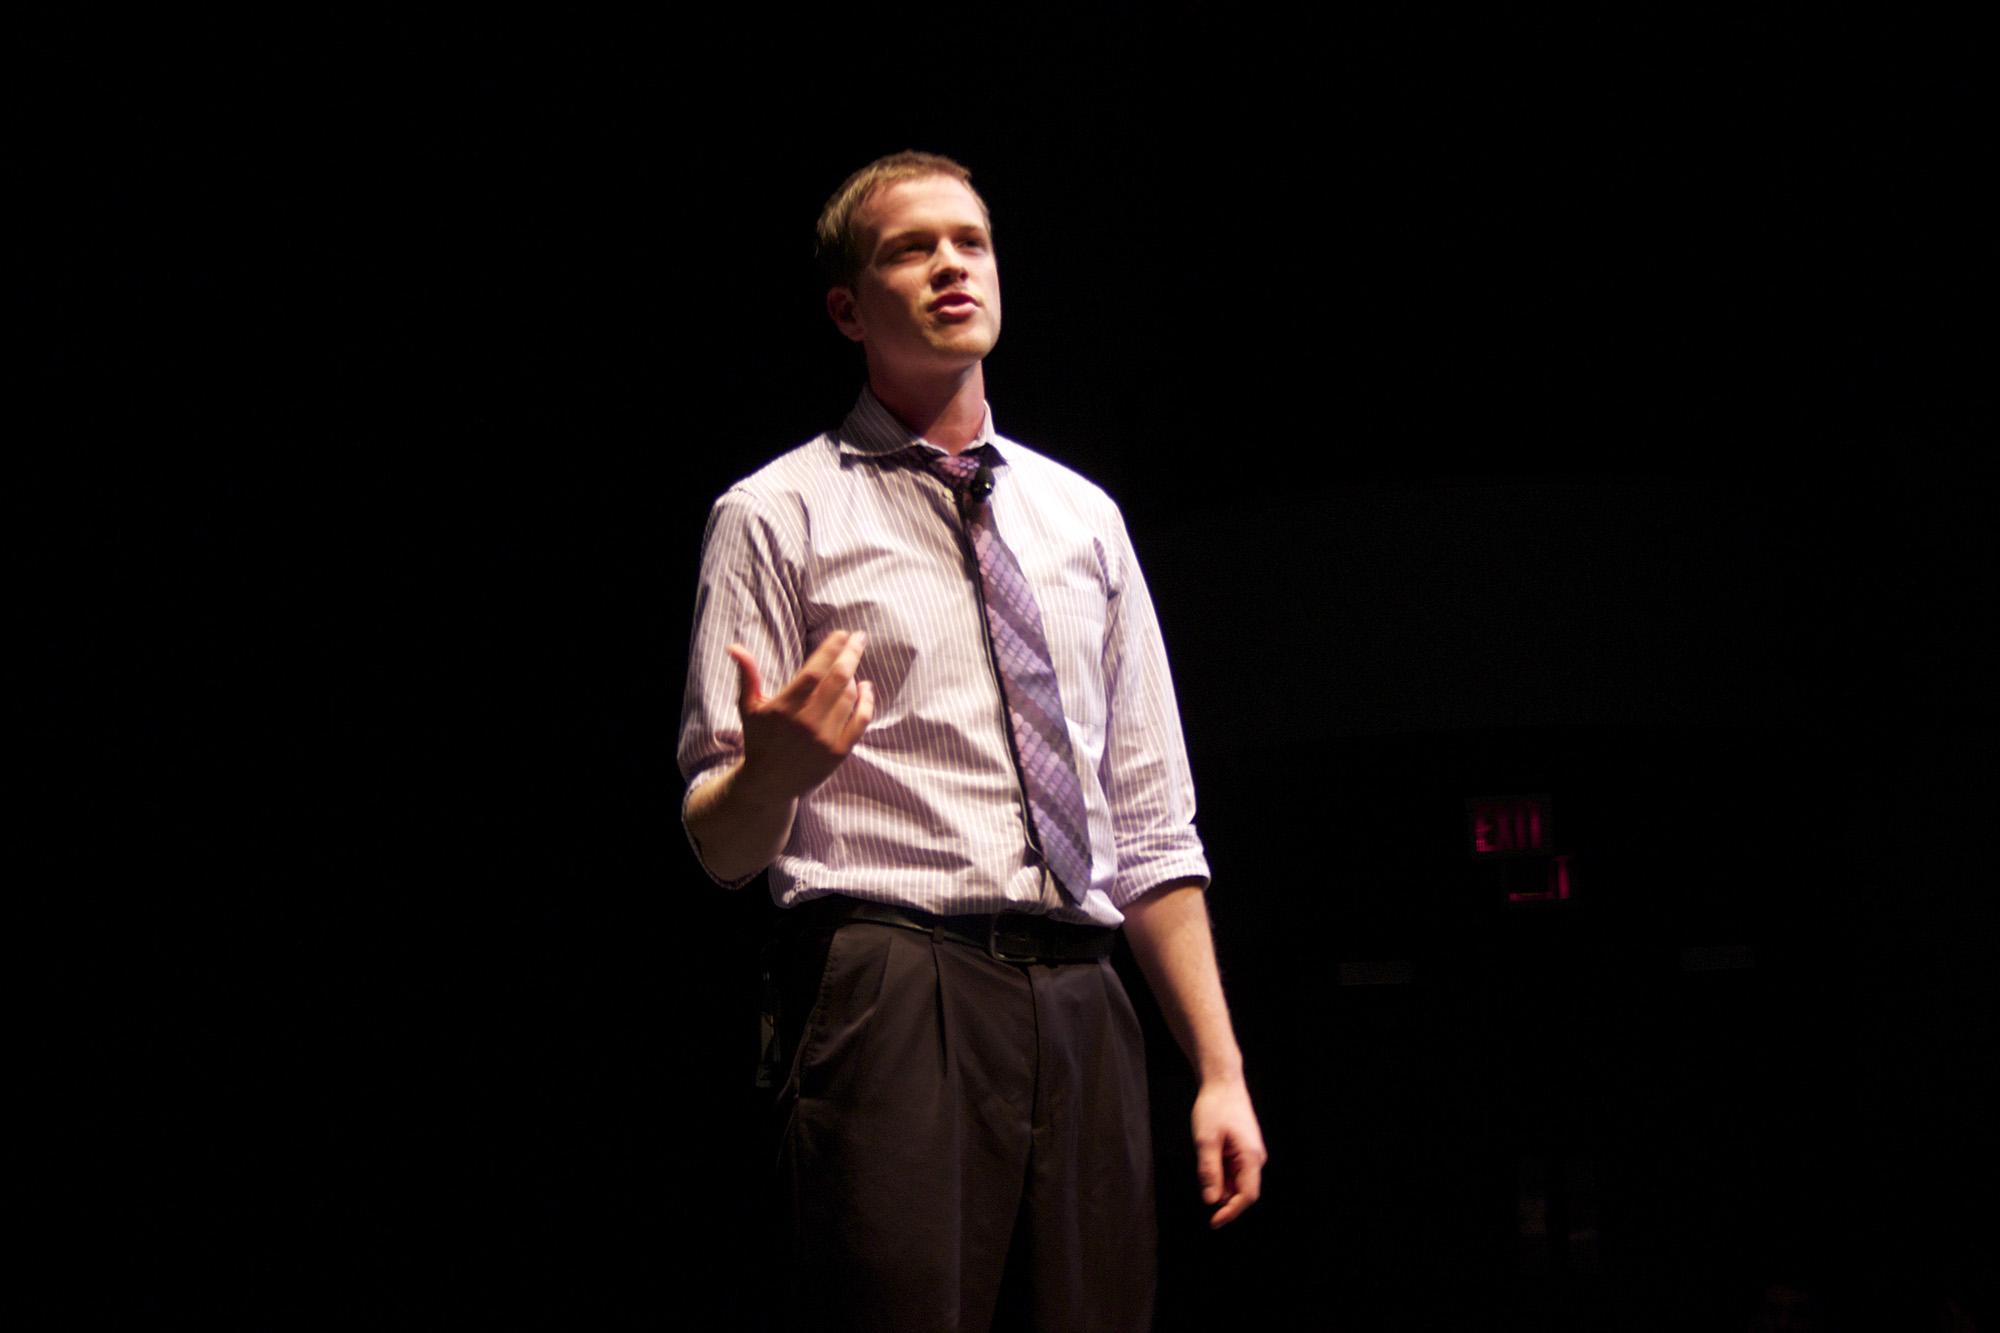 Martin Hofkamp speaks in Umble Center